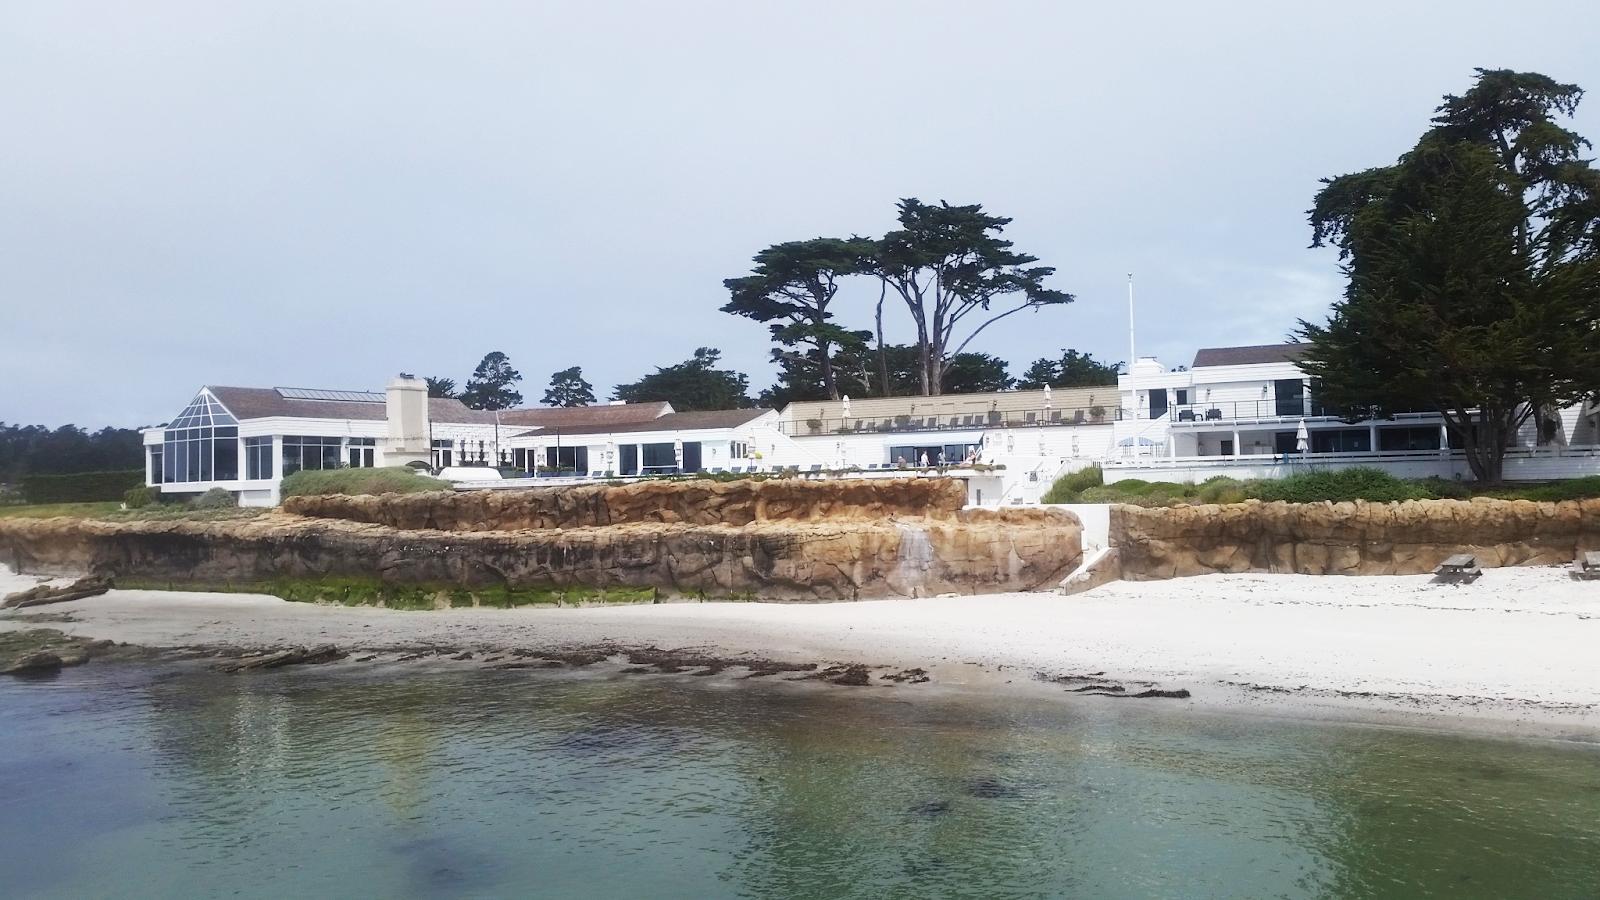 ocean view homes pebble beach stillwater cove